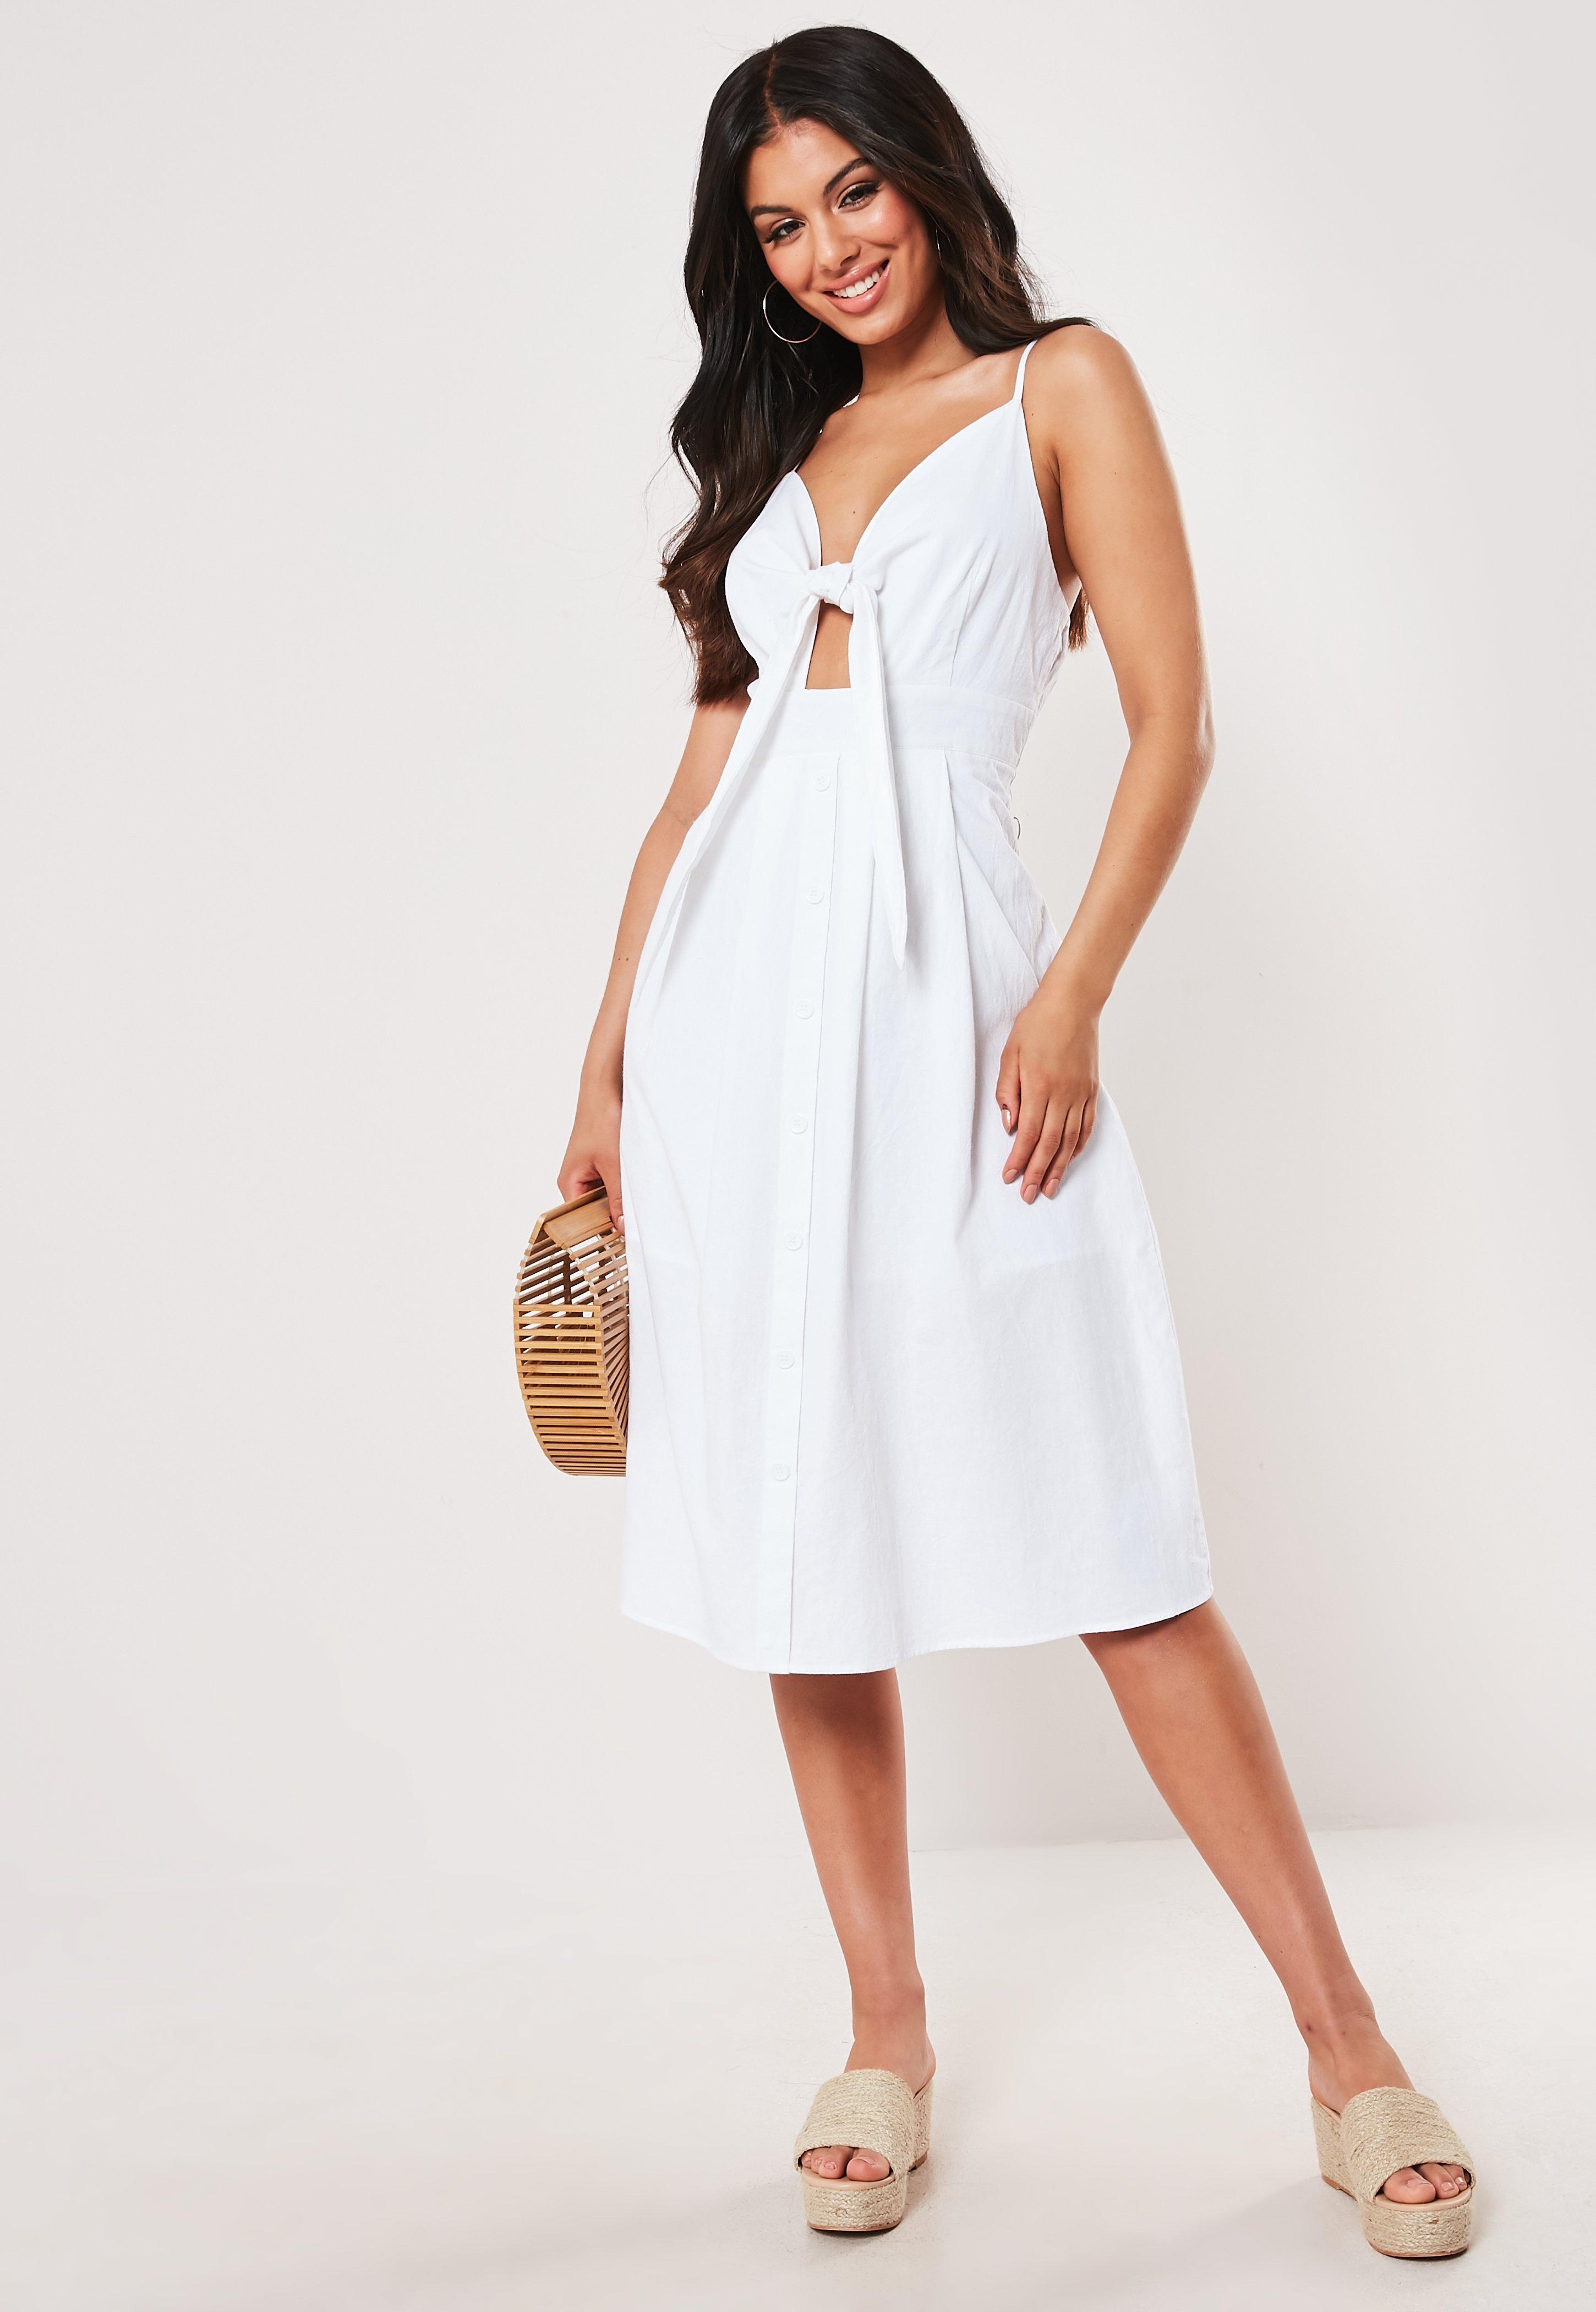 48ead192f9 Midi Dresses | Knee Length Dresses - Missguided